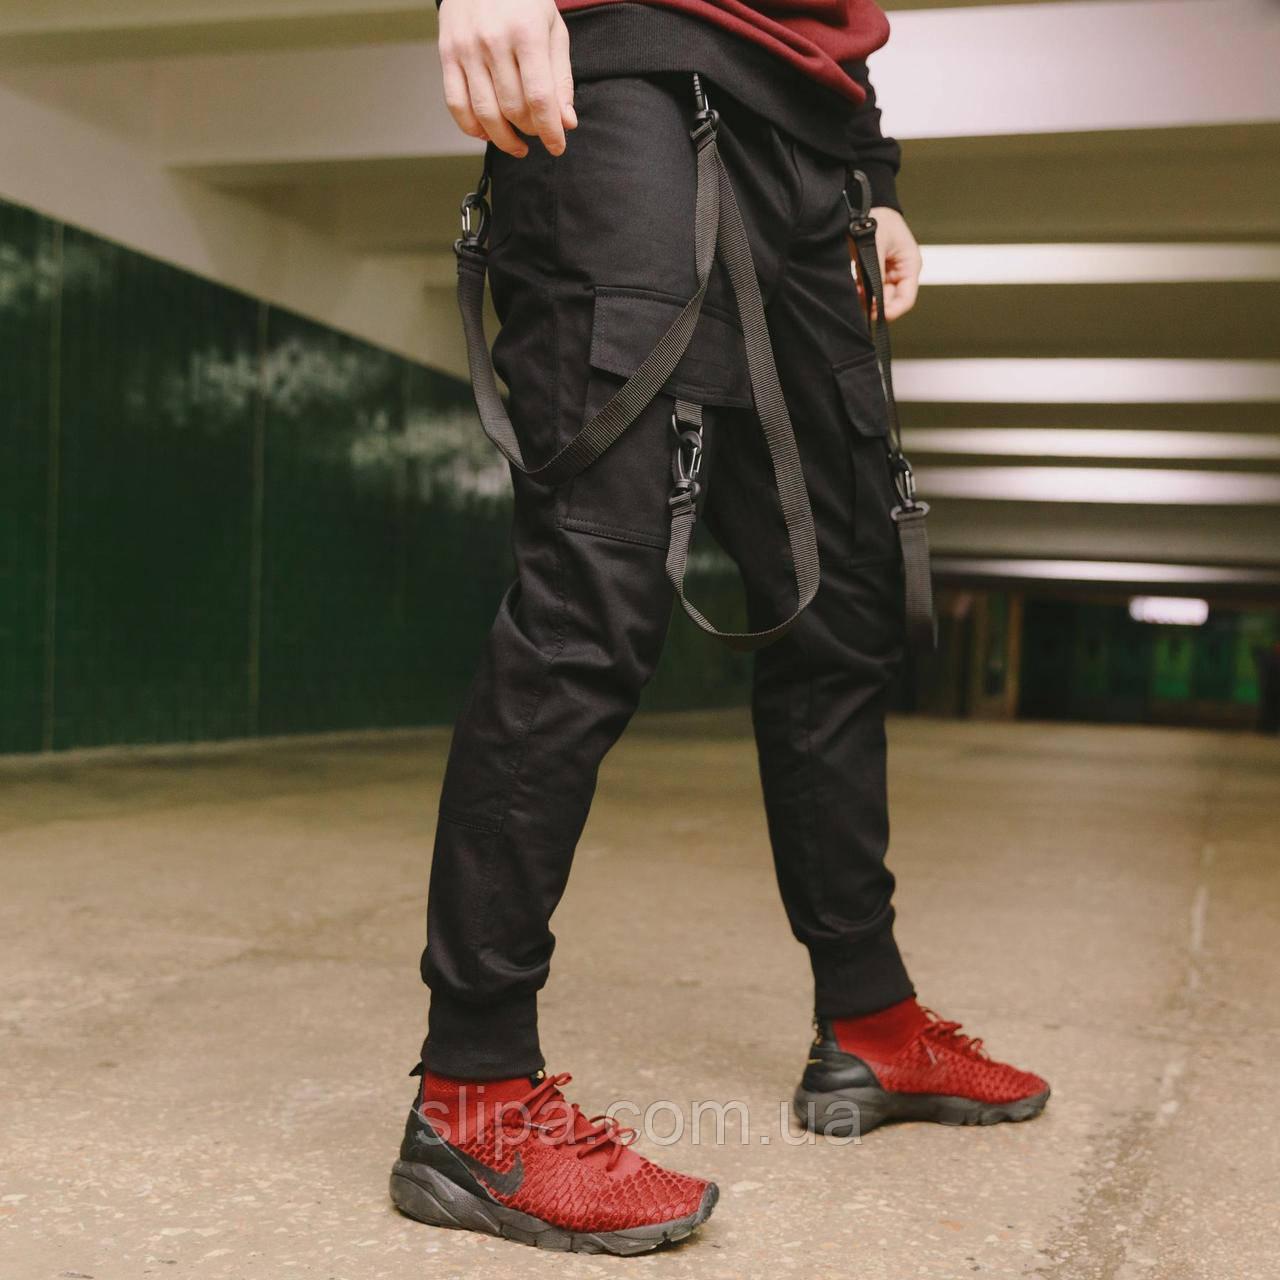 Мужские штаны карого с ремнями чёрные